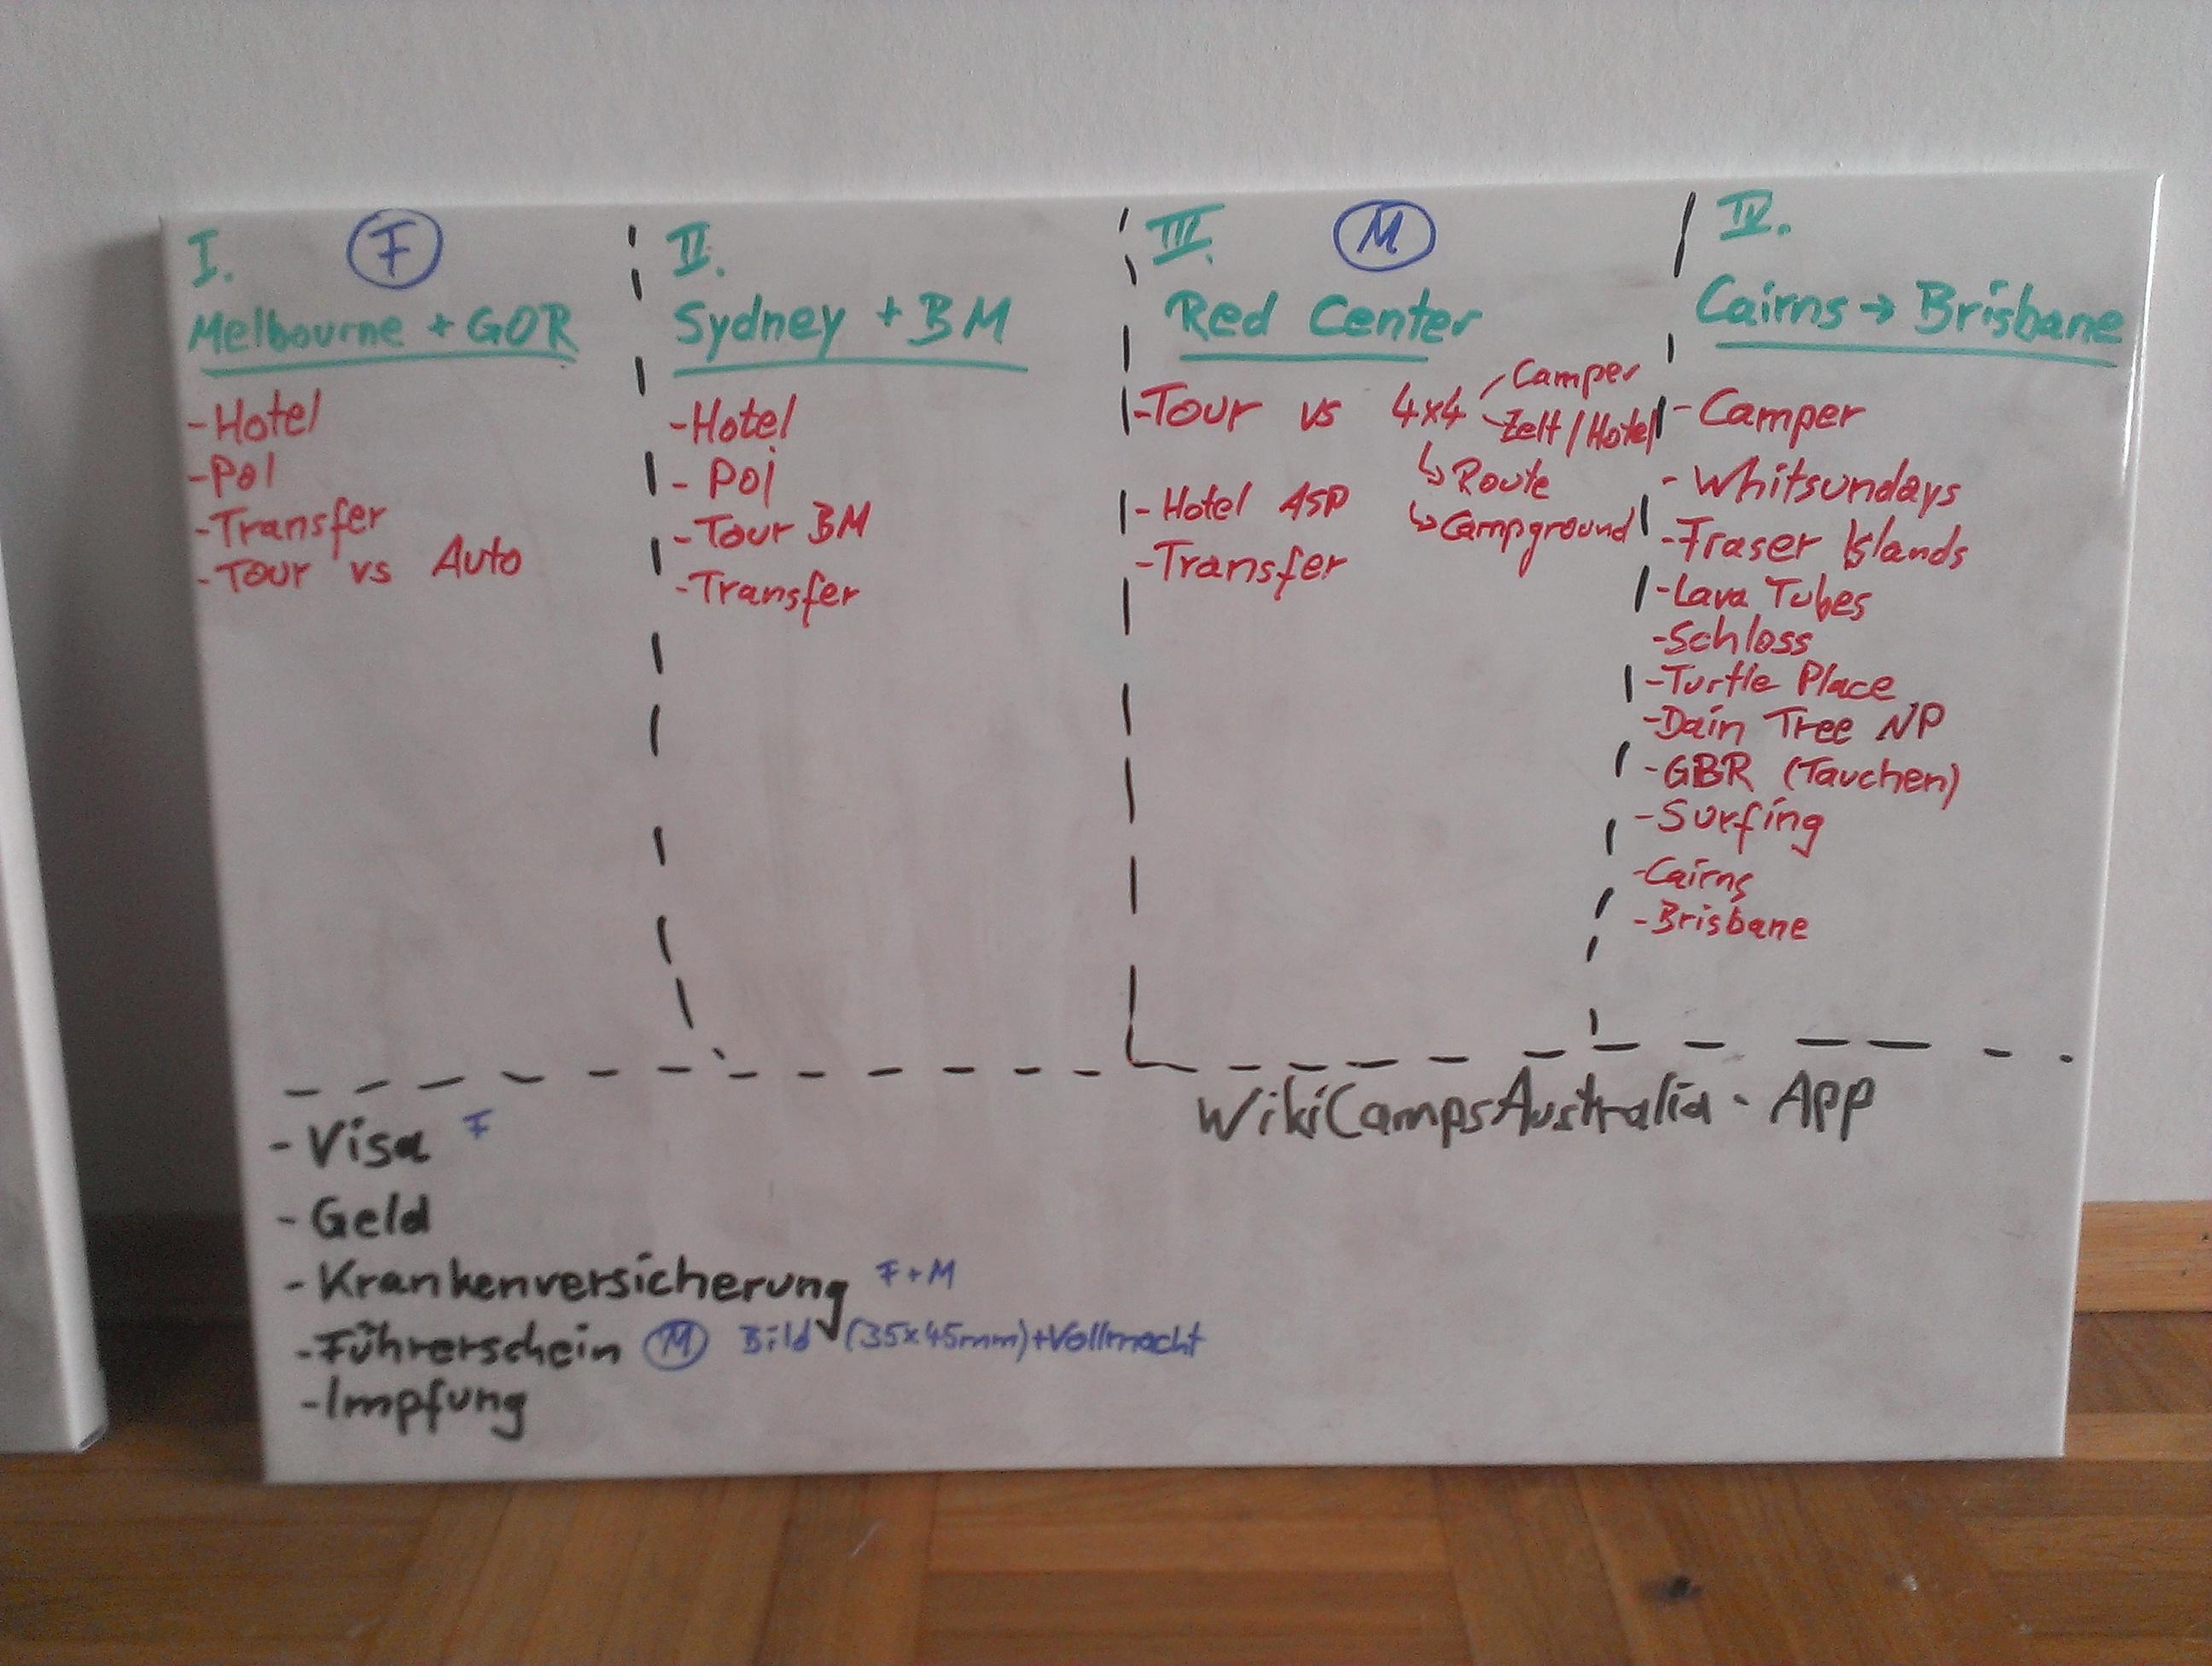 Reiseroute für Australien - Board 2